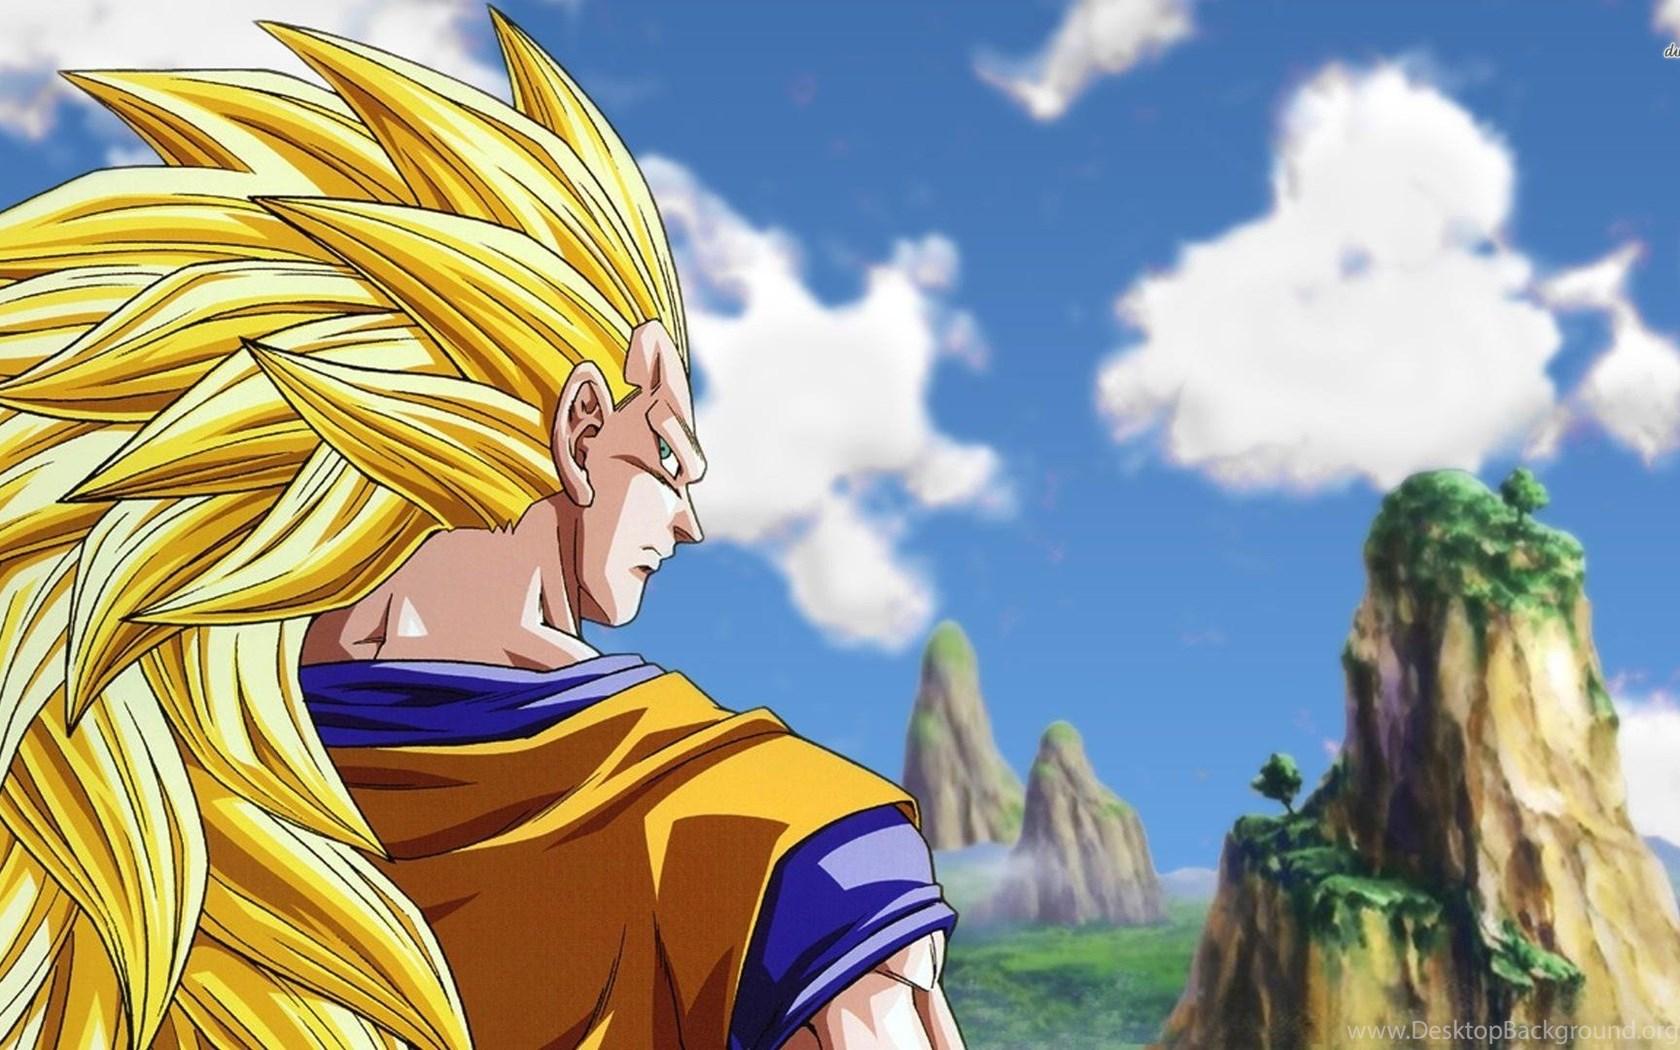 Dragon Ball Z Goku Wallpapers Super Saiyan 10